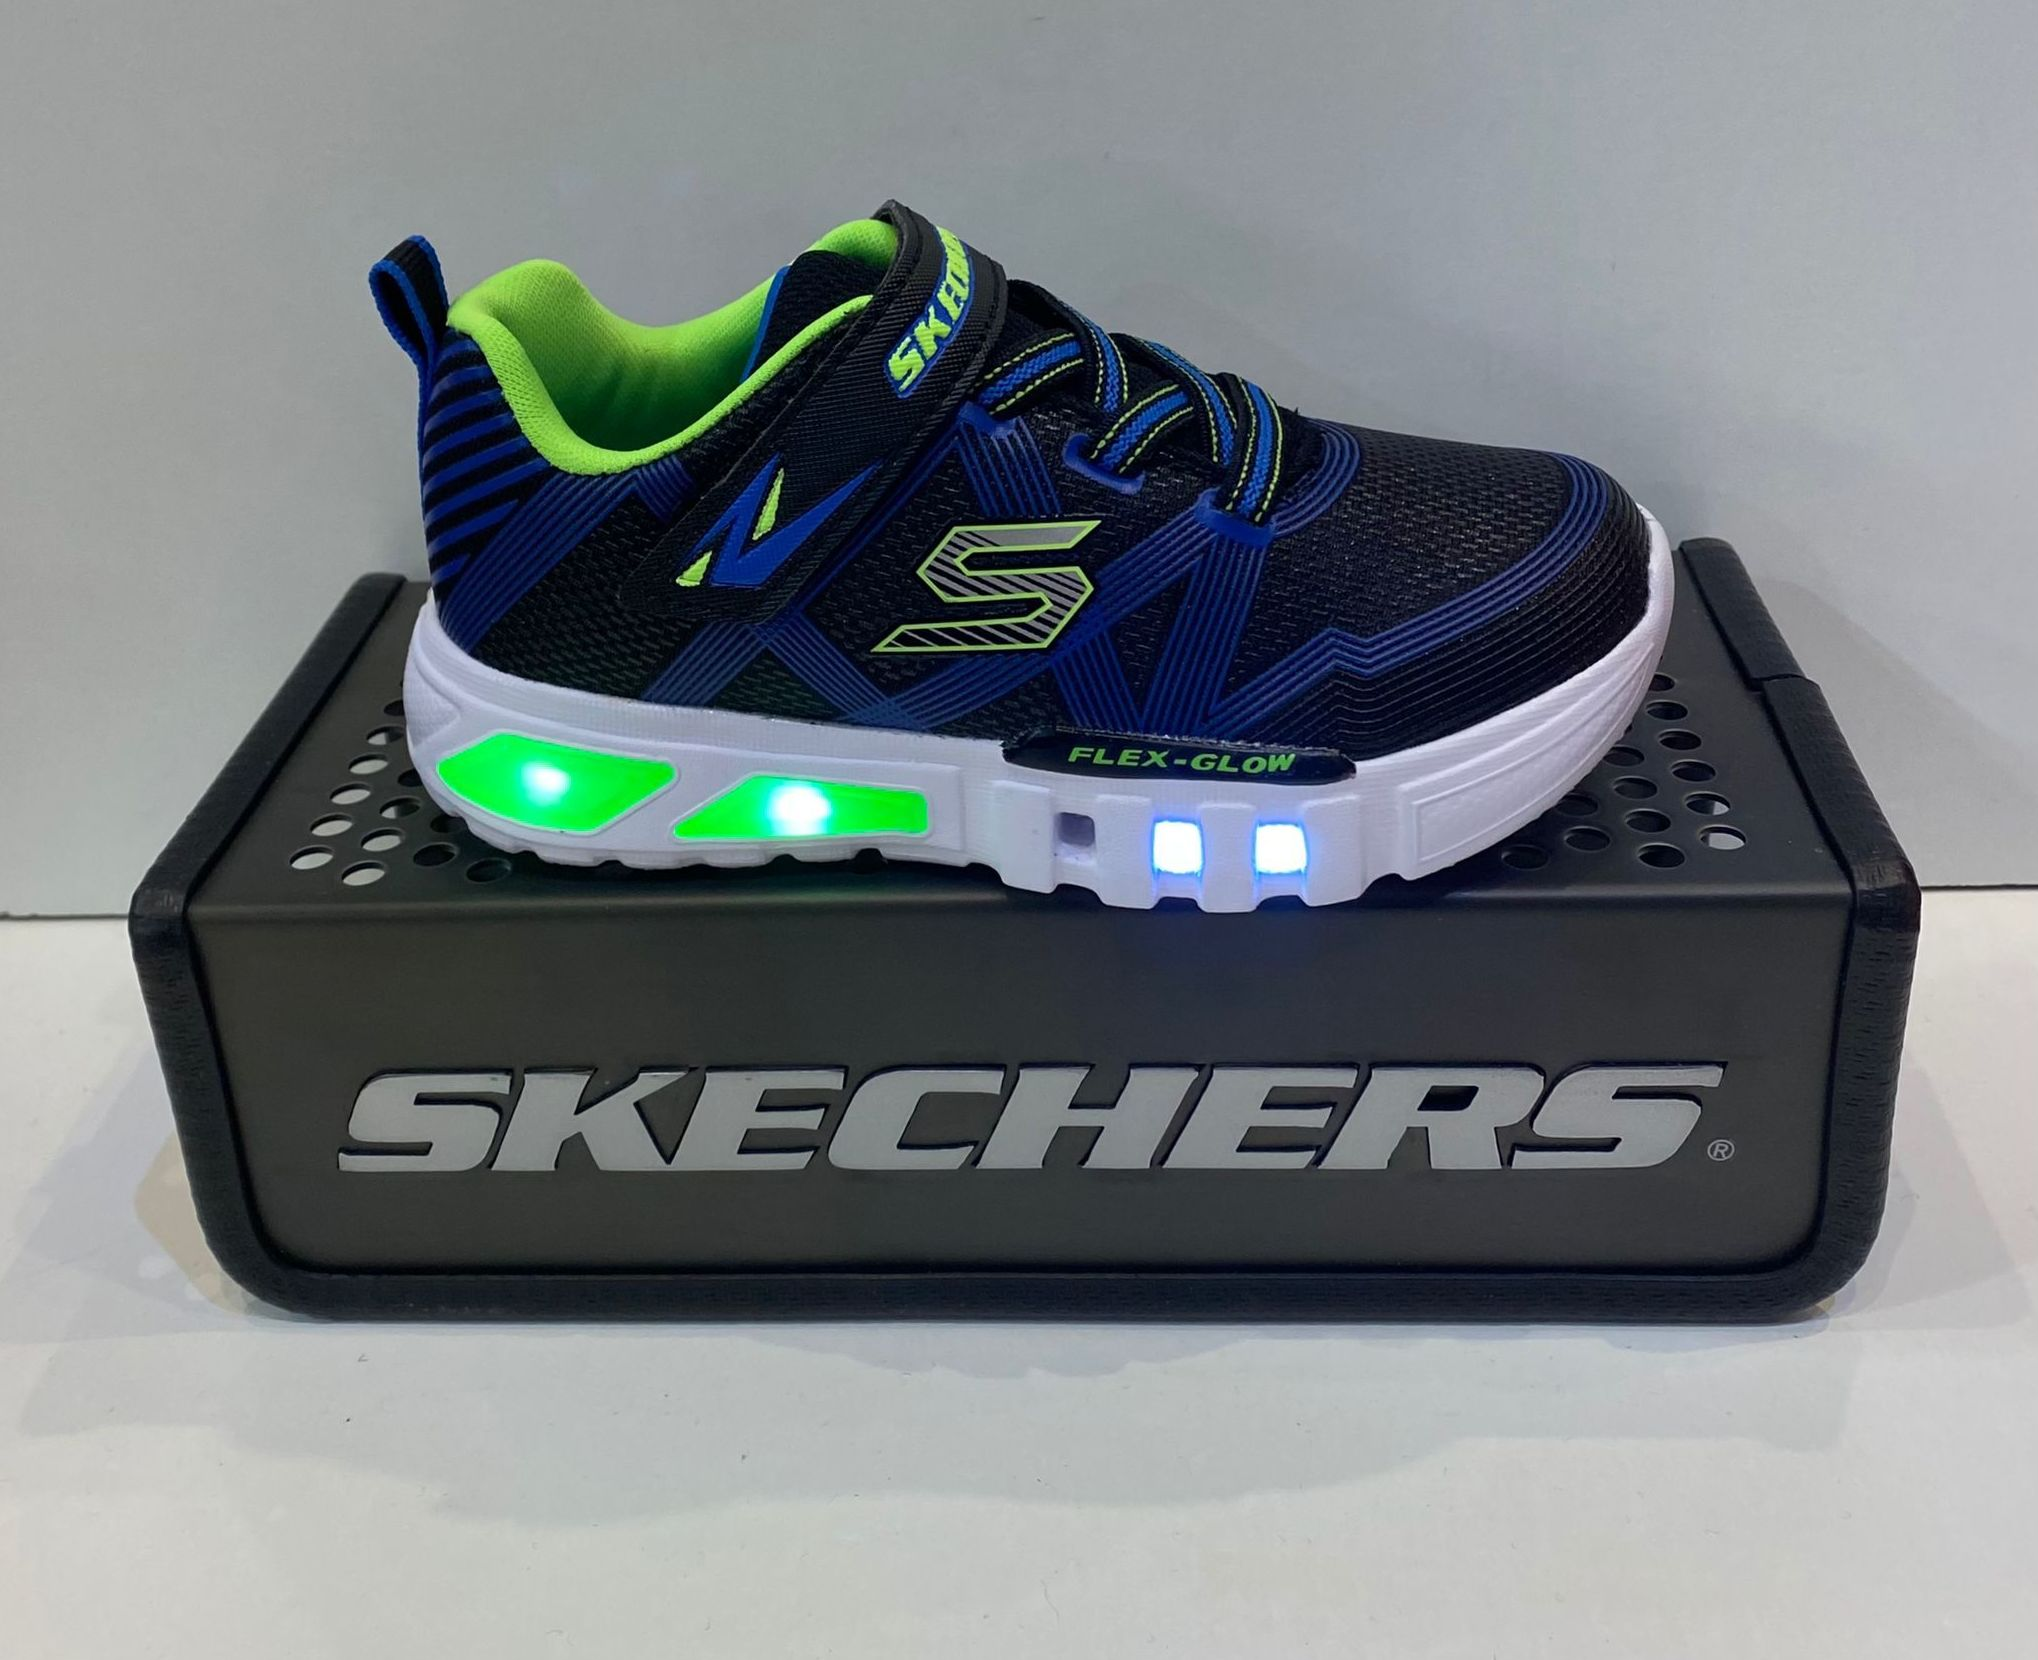 Sabata esportiva de nen, de la marca Skechers, amb sola Flex-Glow, amb llums i puntera reforçada 49.95€